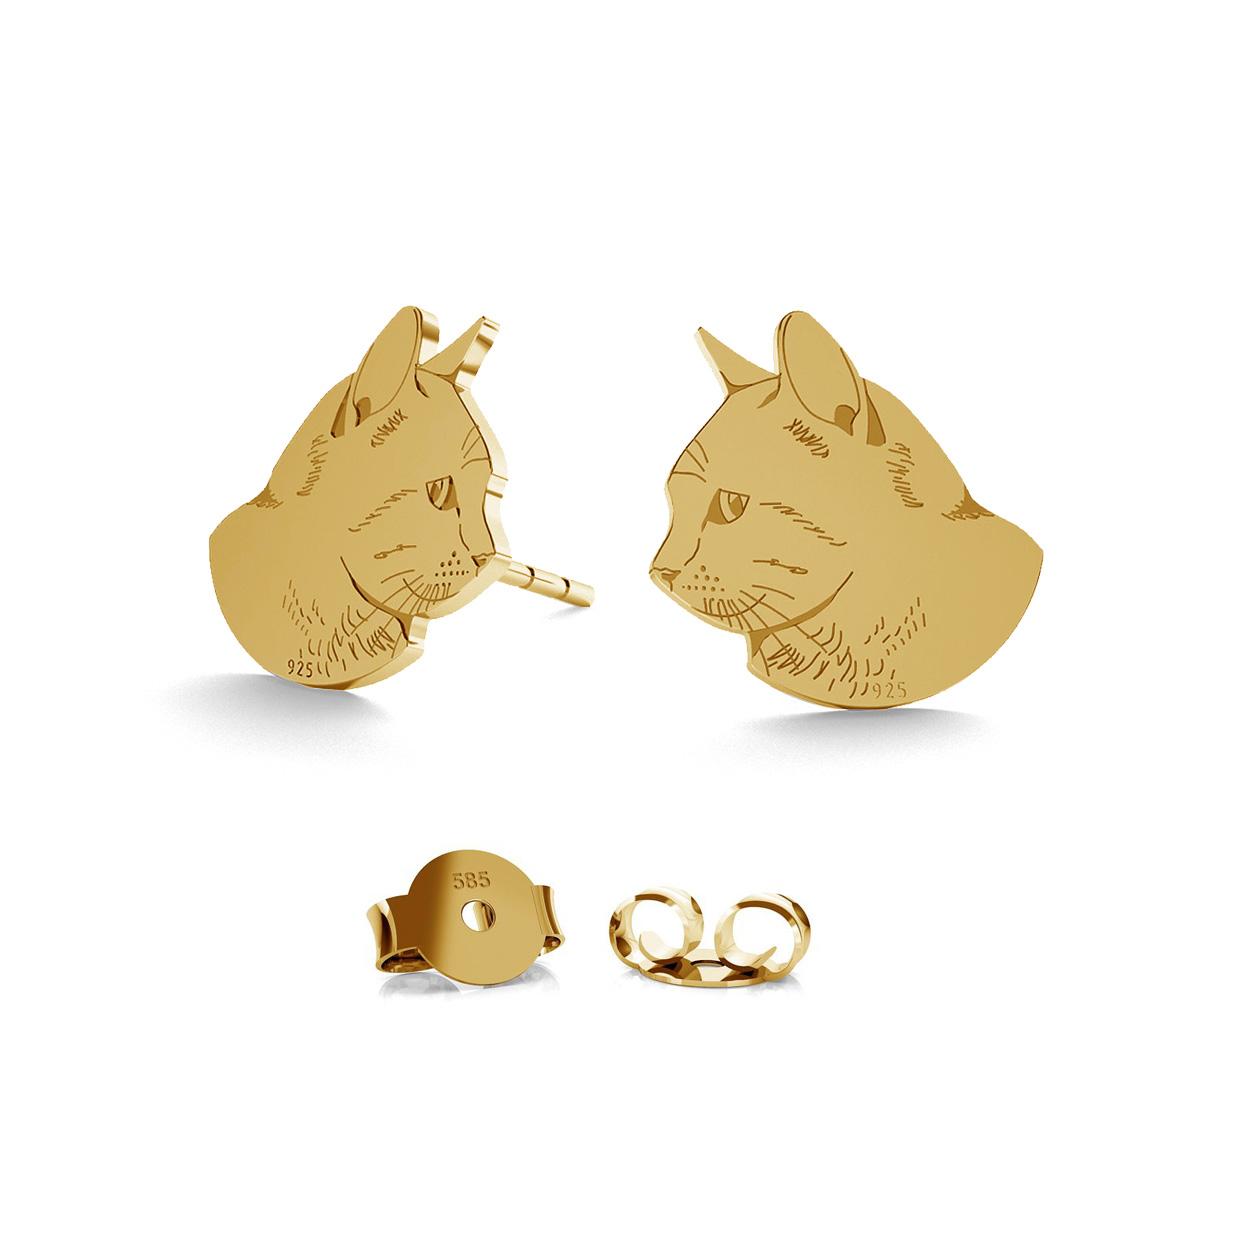 GOLD EARRINGS WOLF 14K